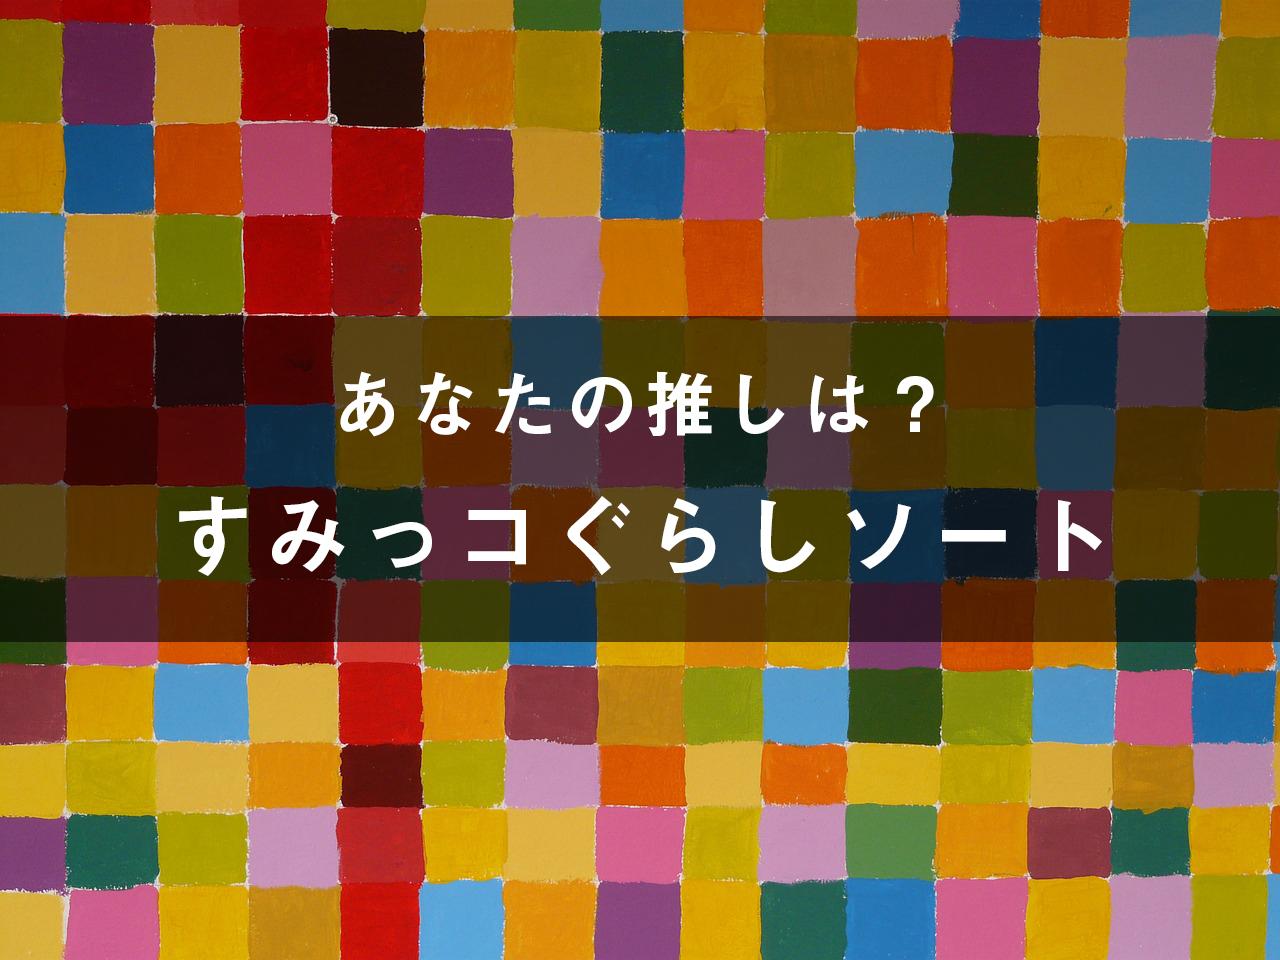 「すみっコぐらし」のキャラソート(画像付き)